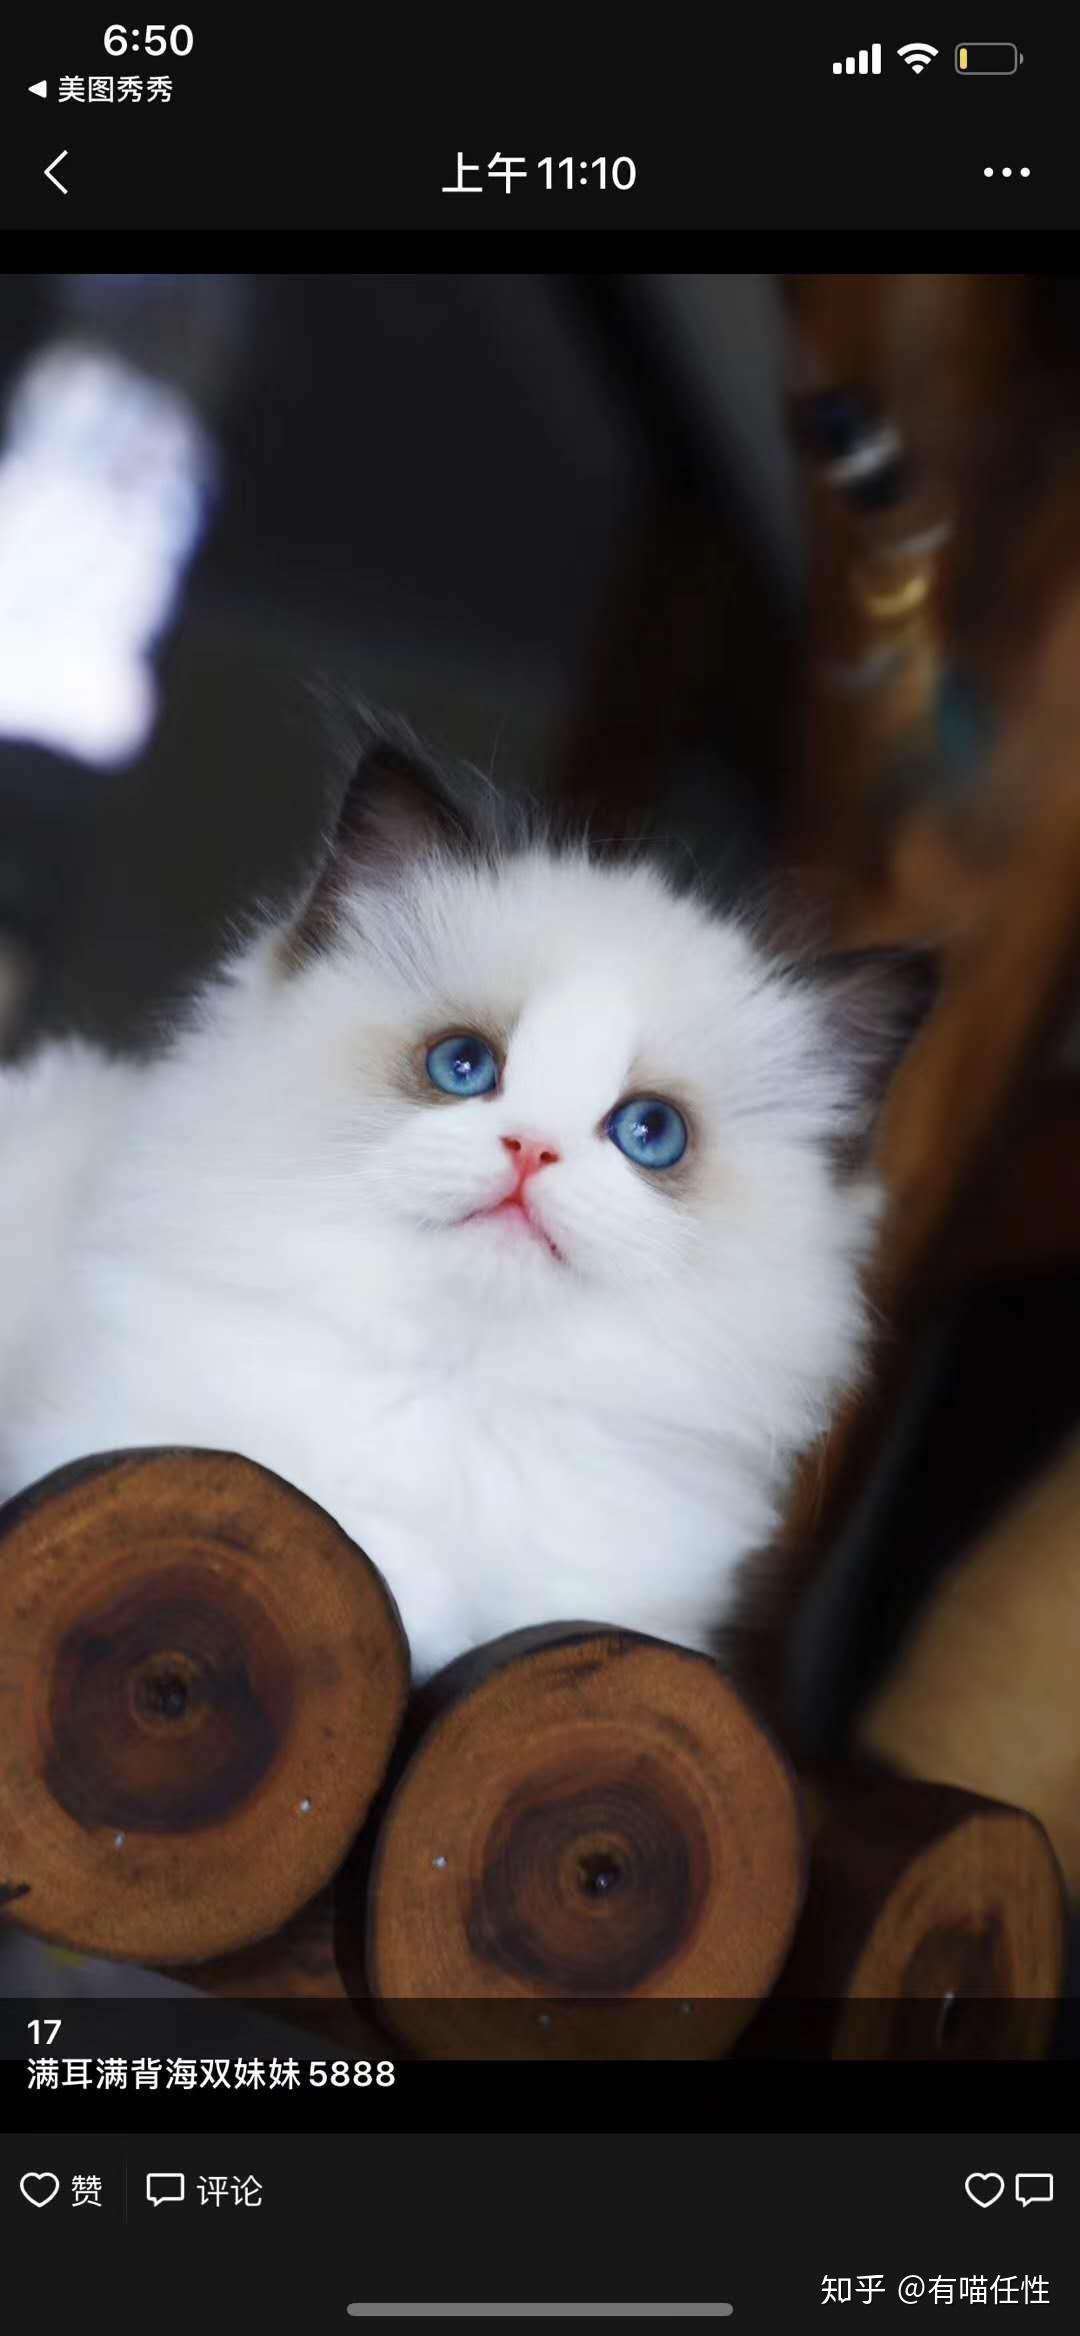 色请图片_布偶猫的价格一般是多少钱一只? - 知乎